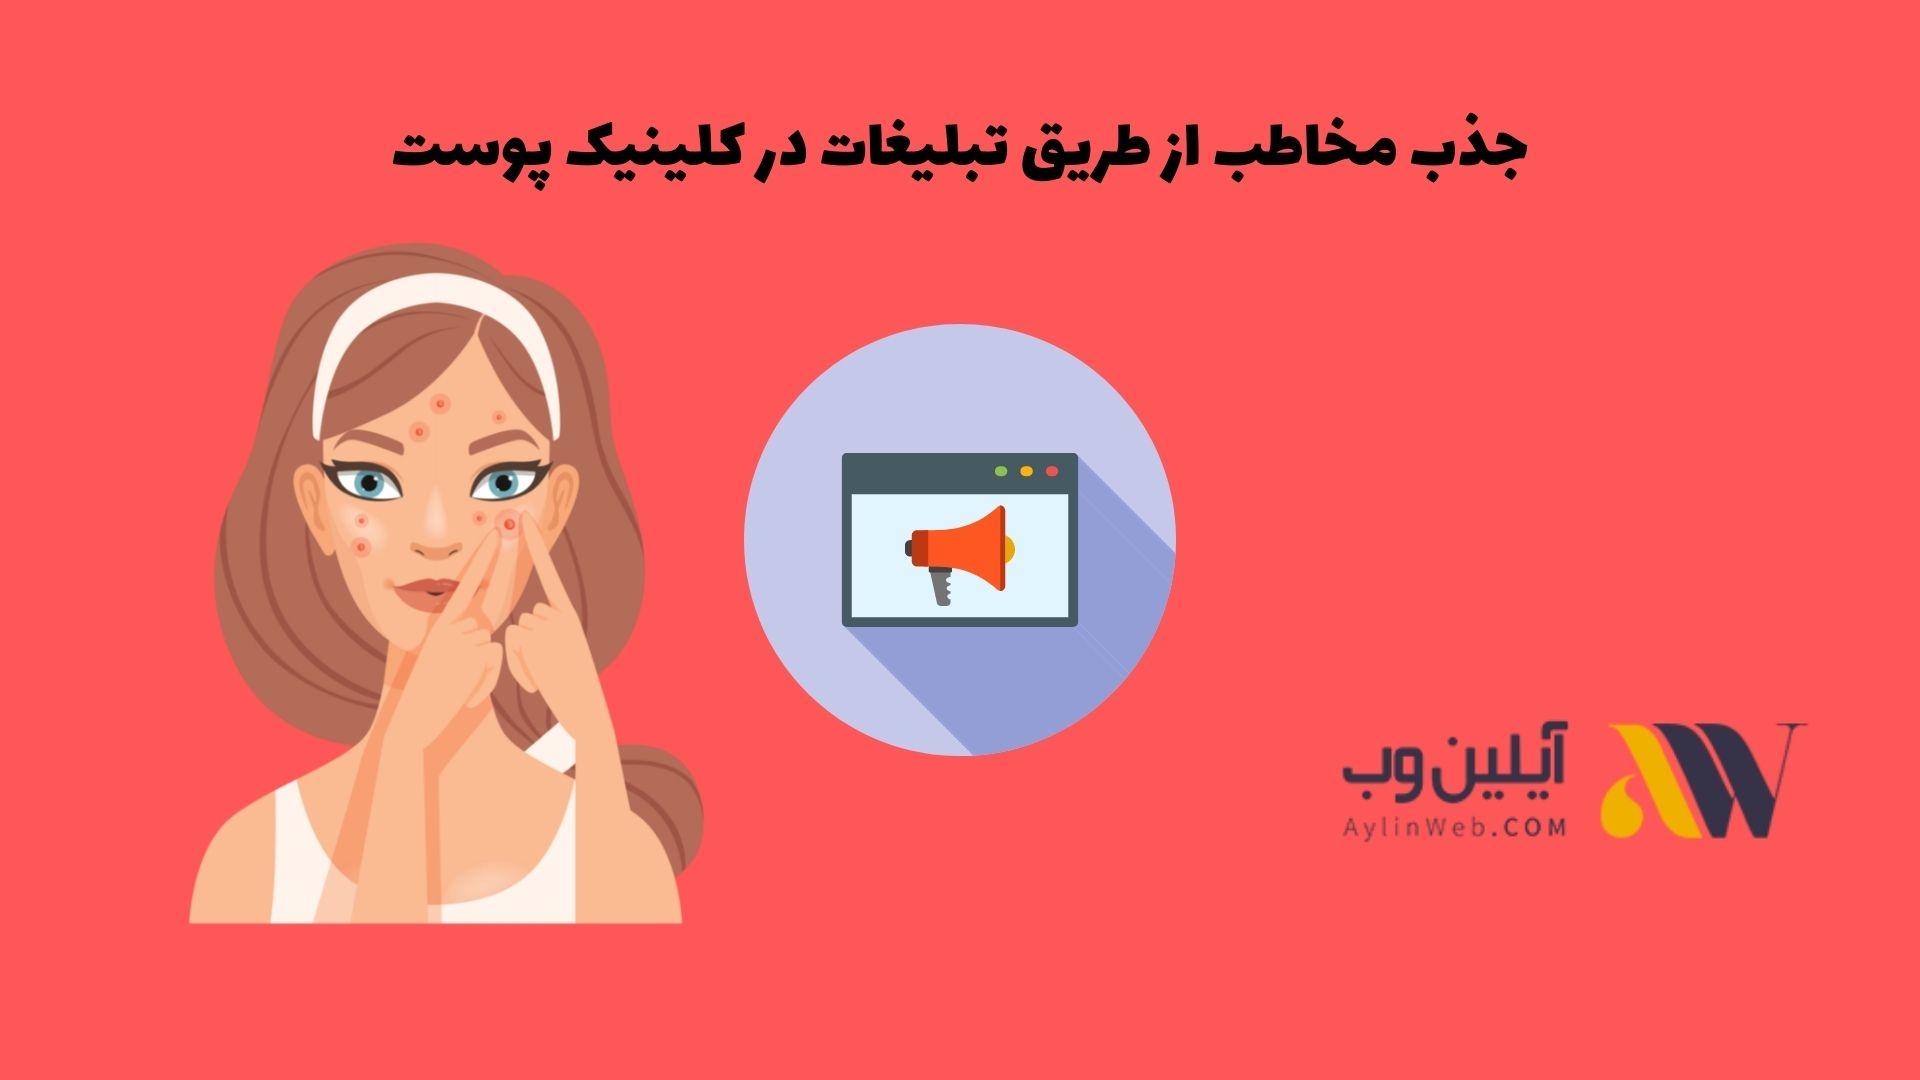 جذب مخاطب از طریق تبلیغات در کلینیک پوست